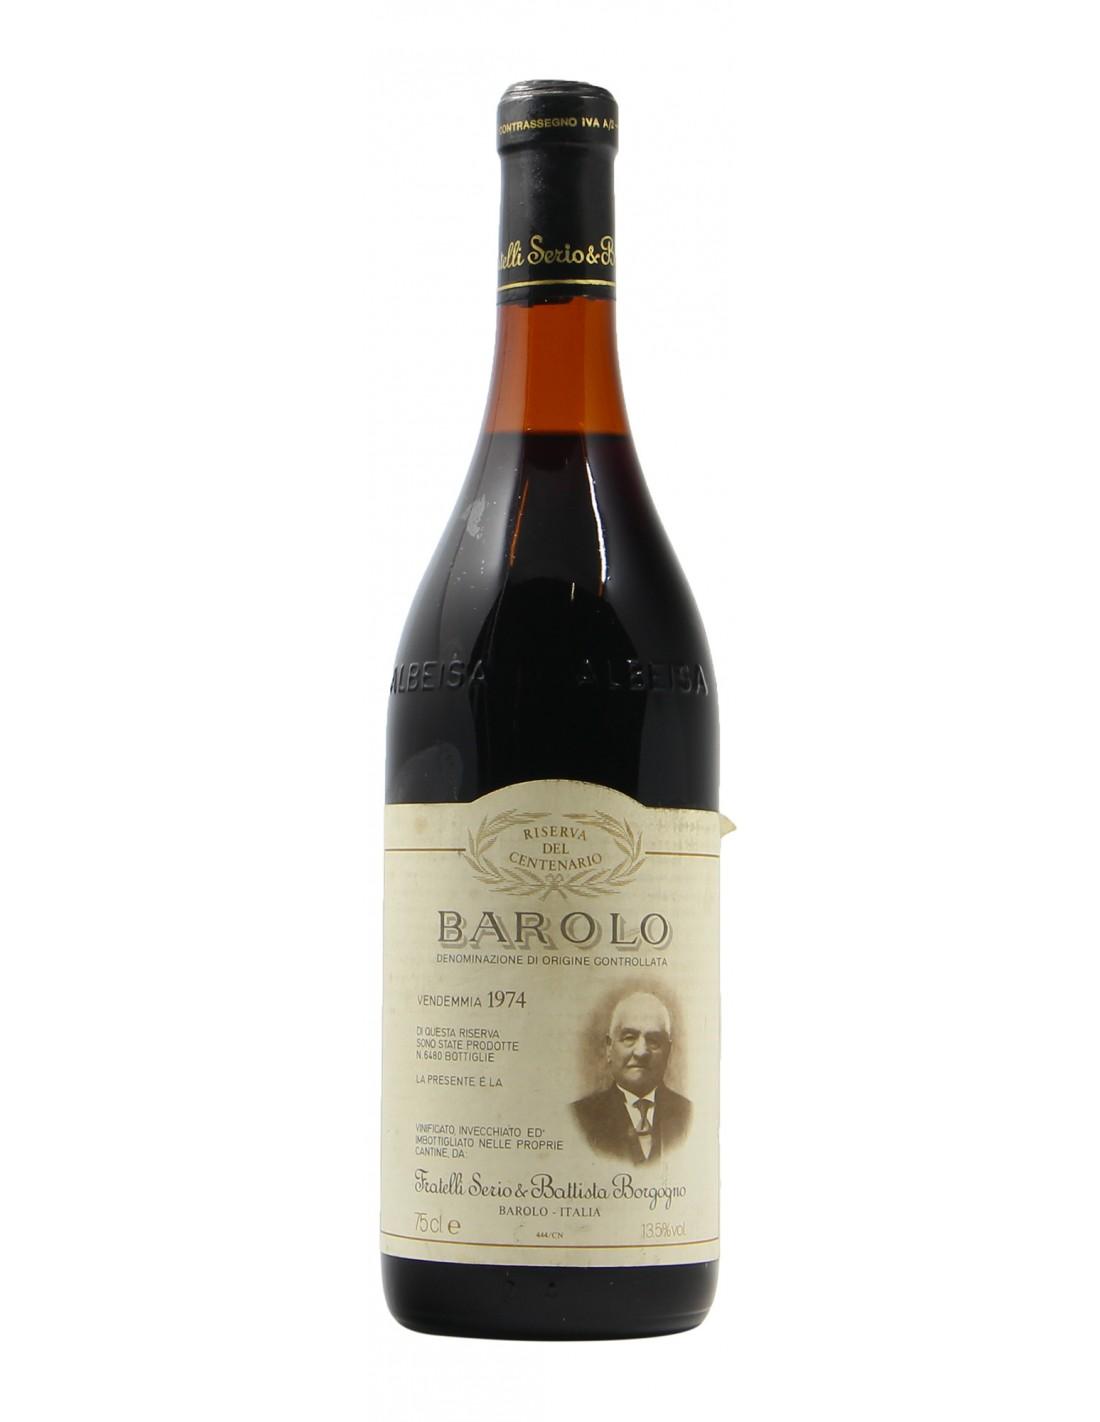 Barolo 1974 BATTISTA BORGOGNO GRANDI BOTTIGLIE